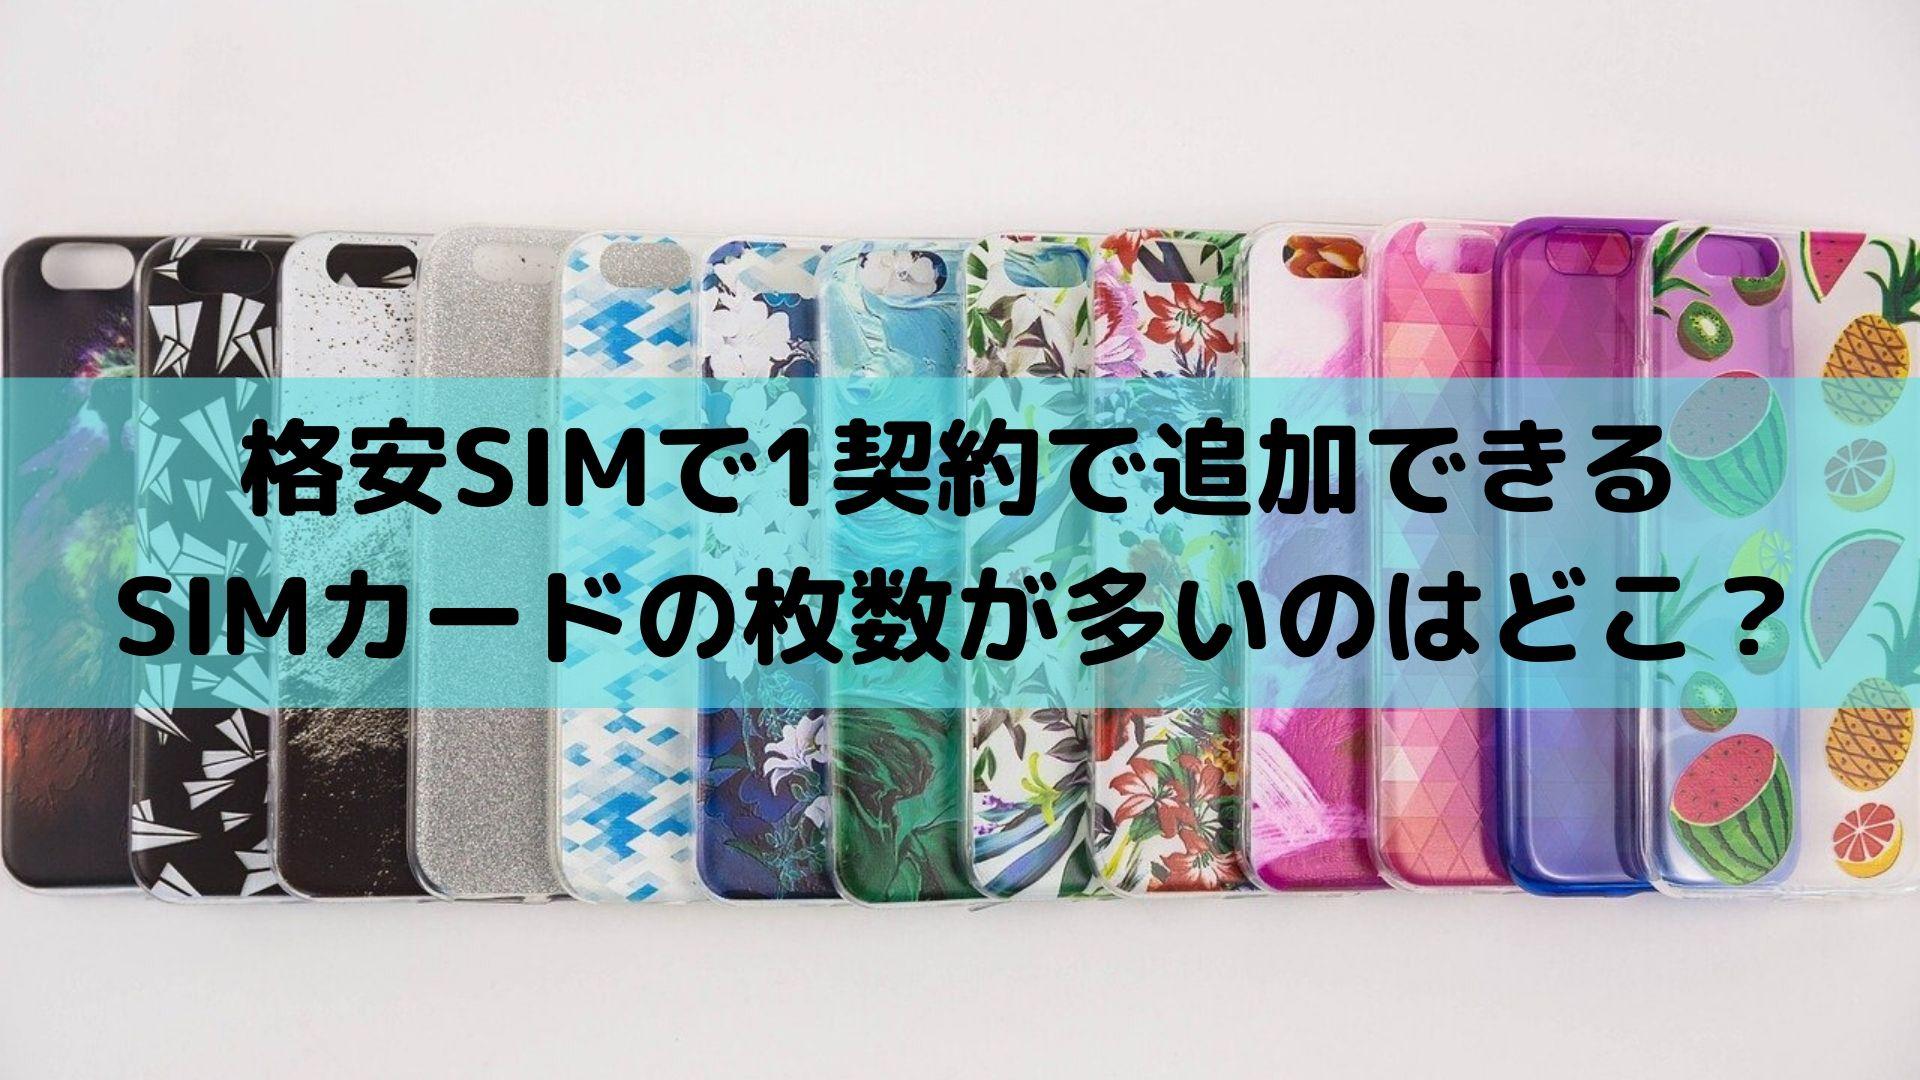 格安SIMで1契約で追加できるSIMカードの枚数が多いのはどこ?